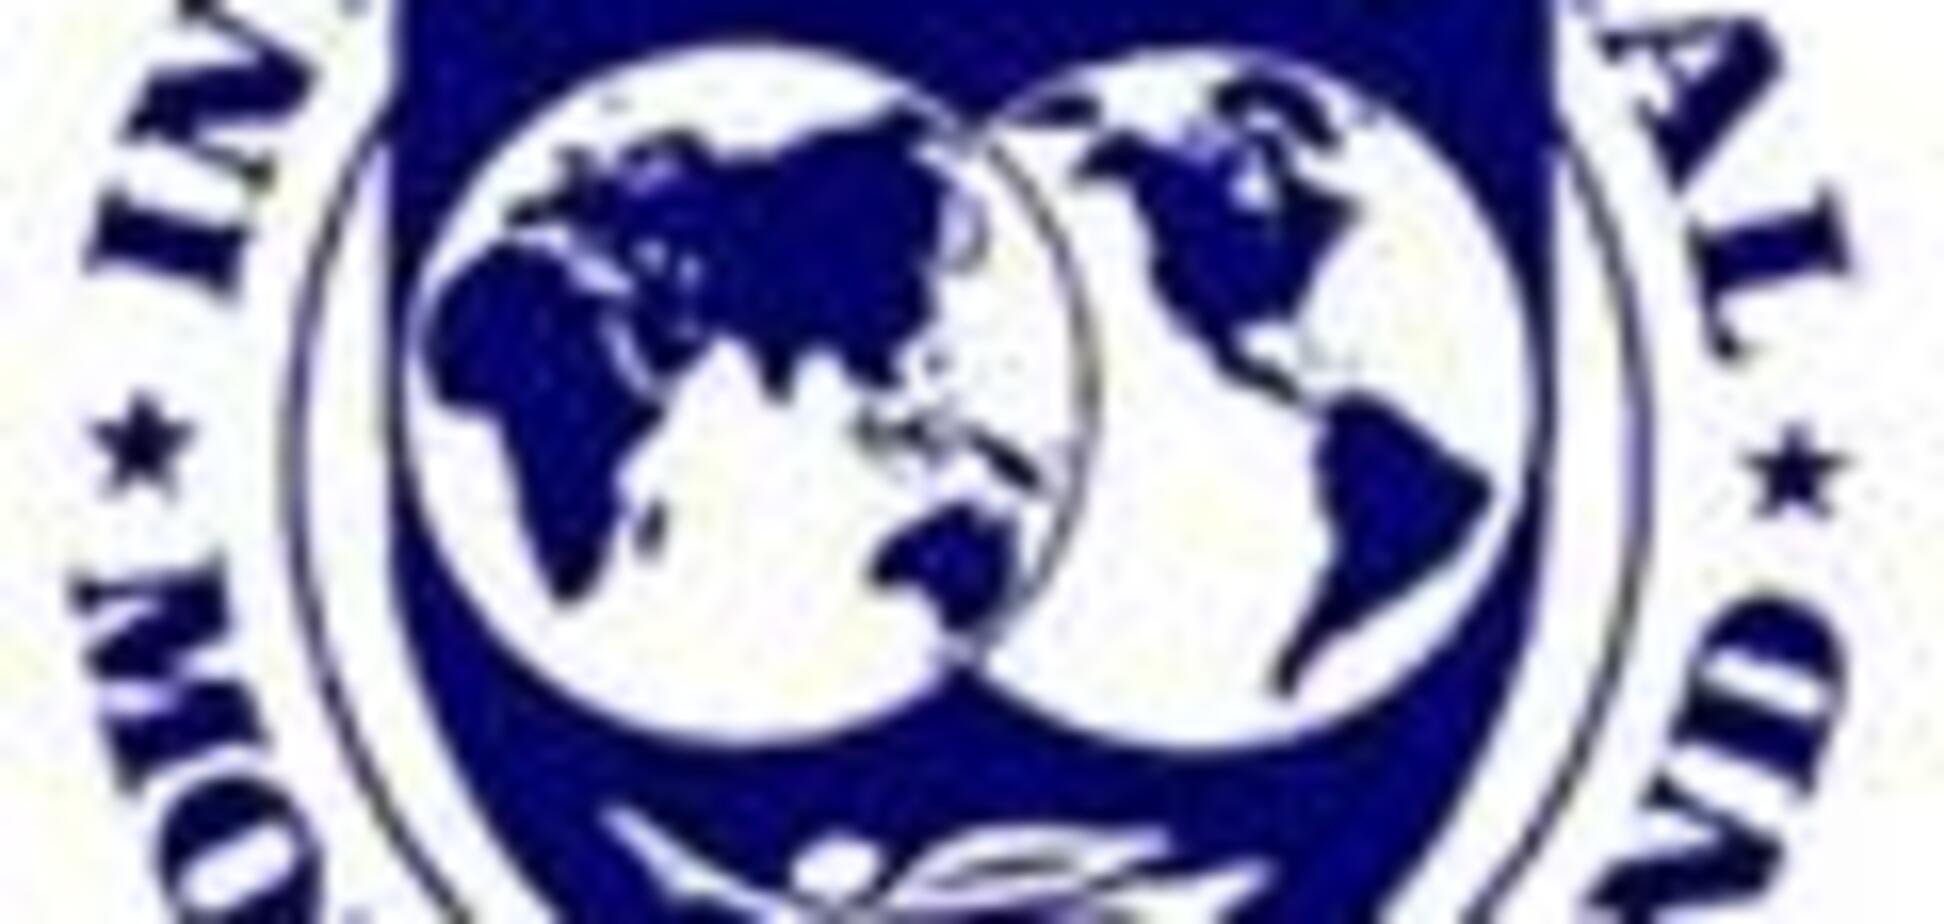 МВФ виділив $ 750 млн на відновлення Грузії